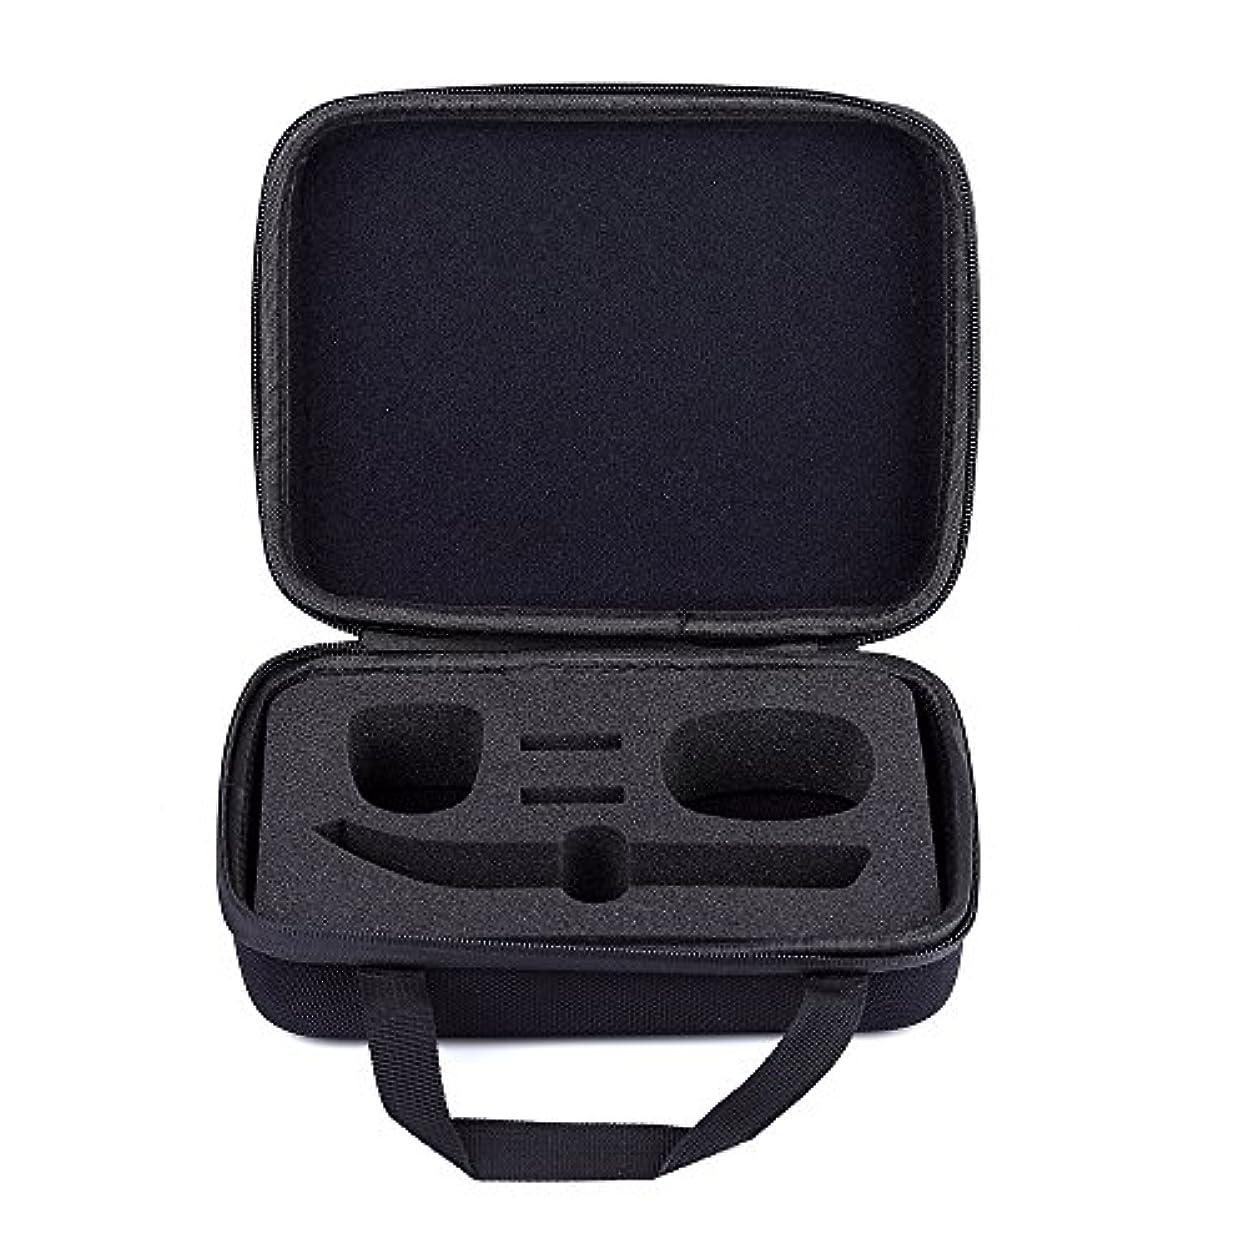 比類のないぺディカブ雨のRETYLY トラベルのハードバッグ、携帯用ケース、Norelco Oneblade Pro用、転倒防止、防水、実用的なPhilipsシェーバー用の収納ボックス